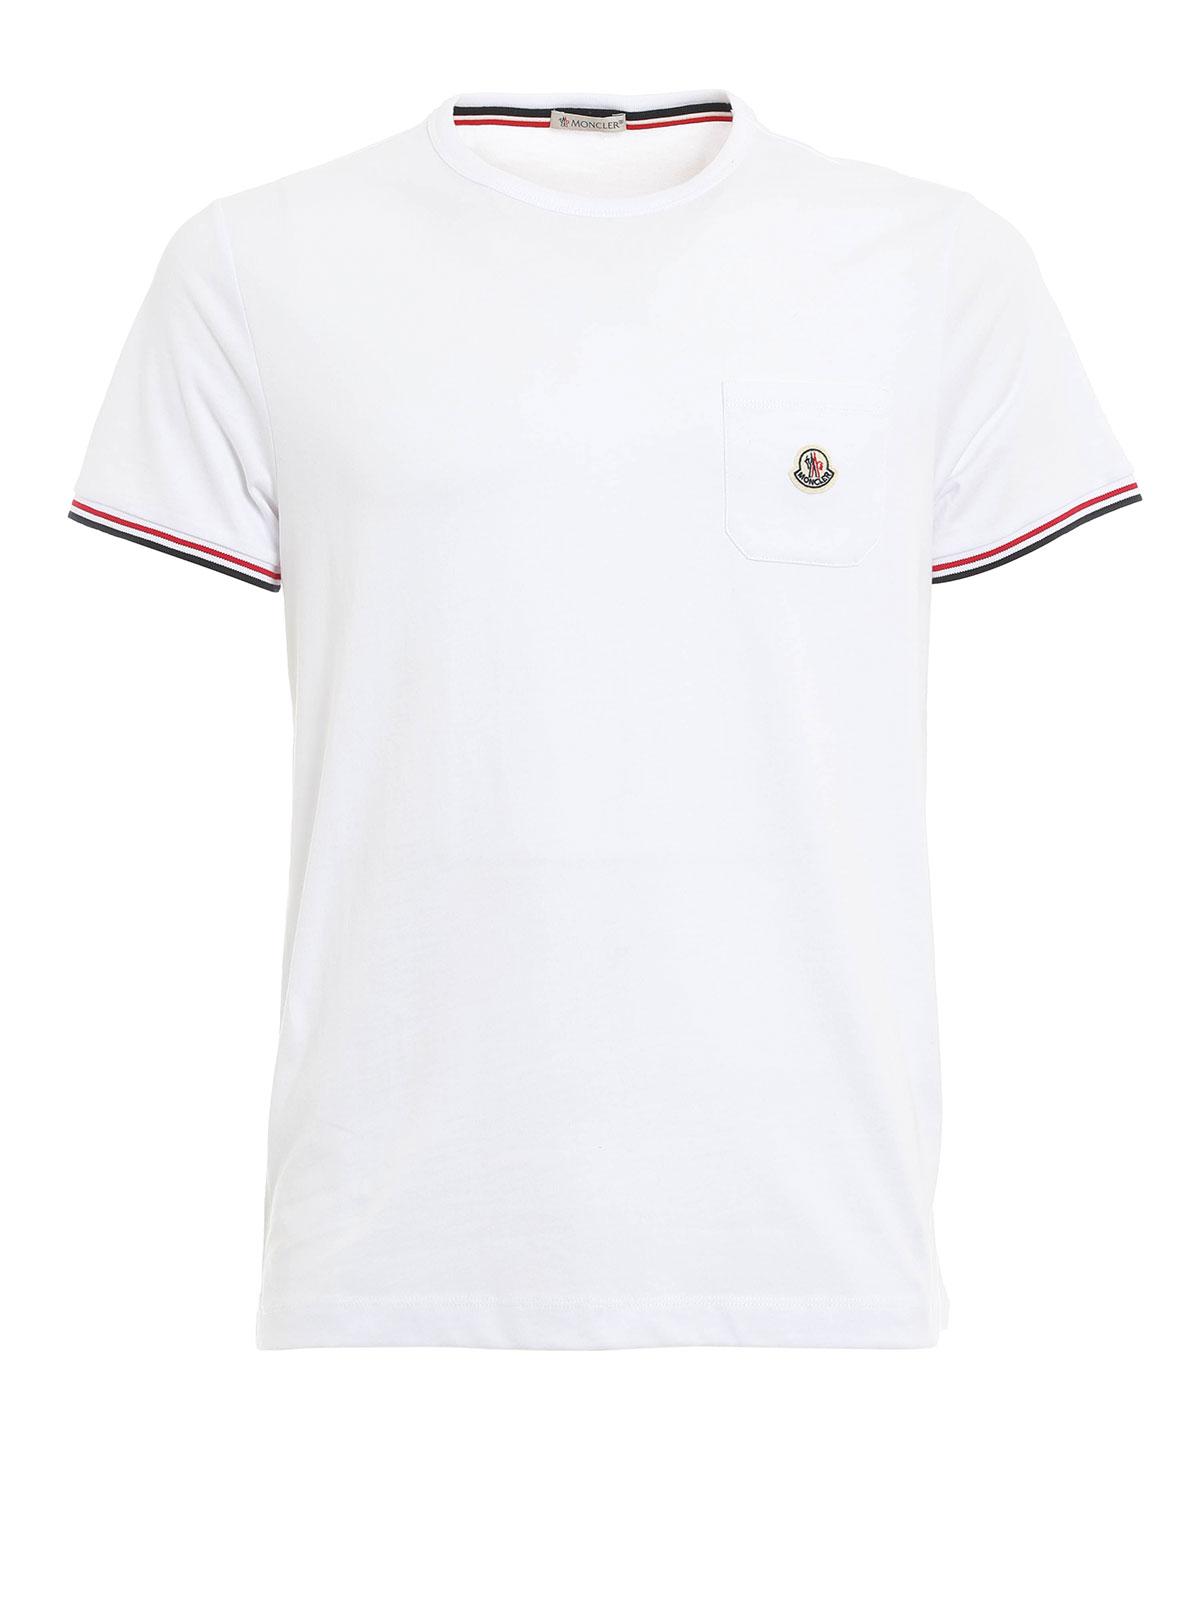 Moncler T Shirt Fur Herren Weiß T shirts B1 091